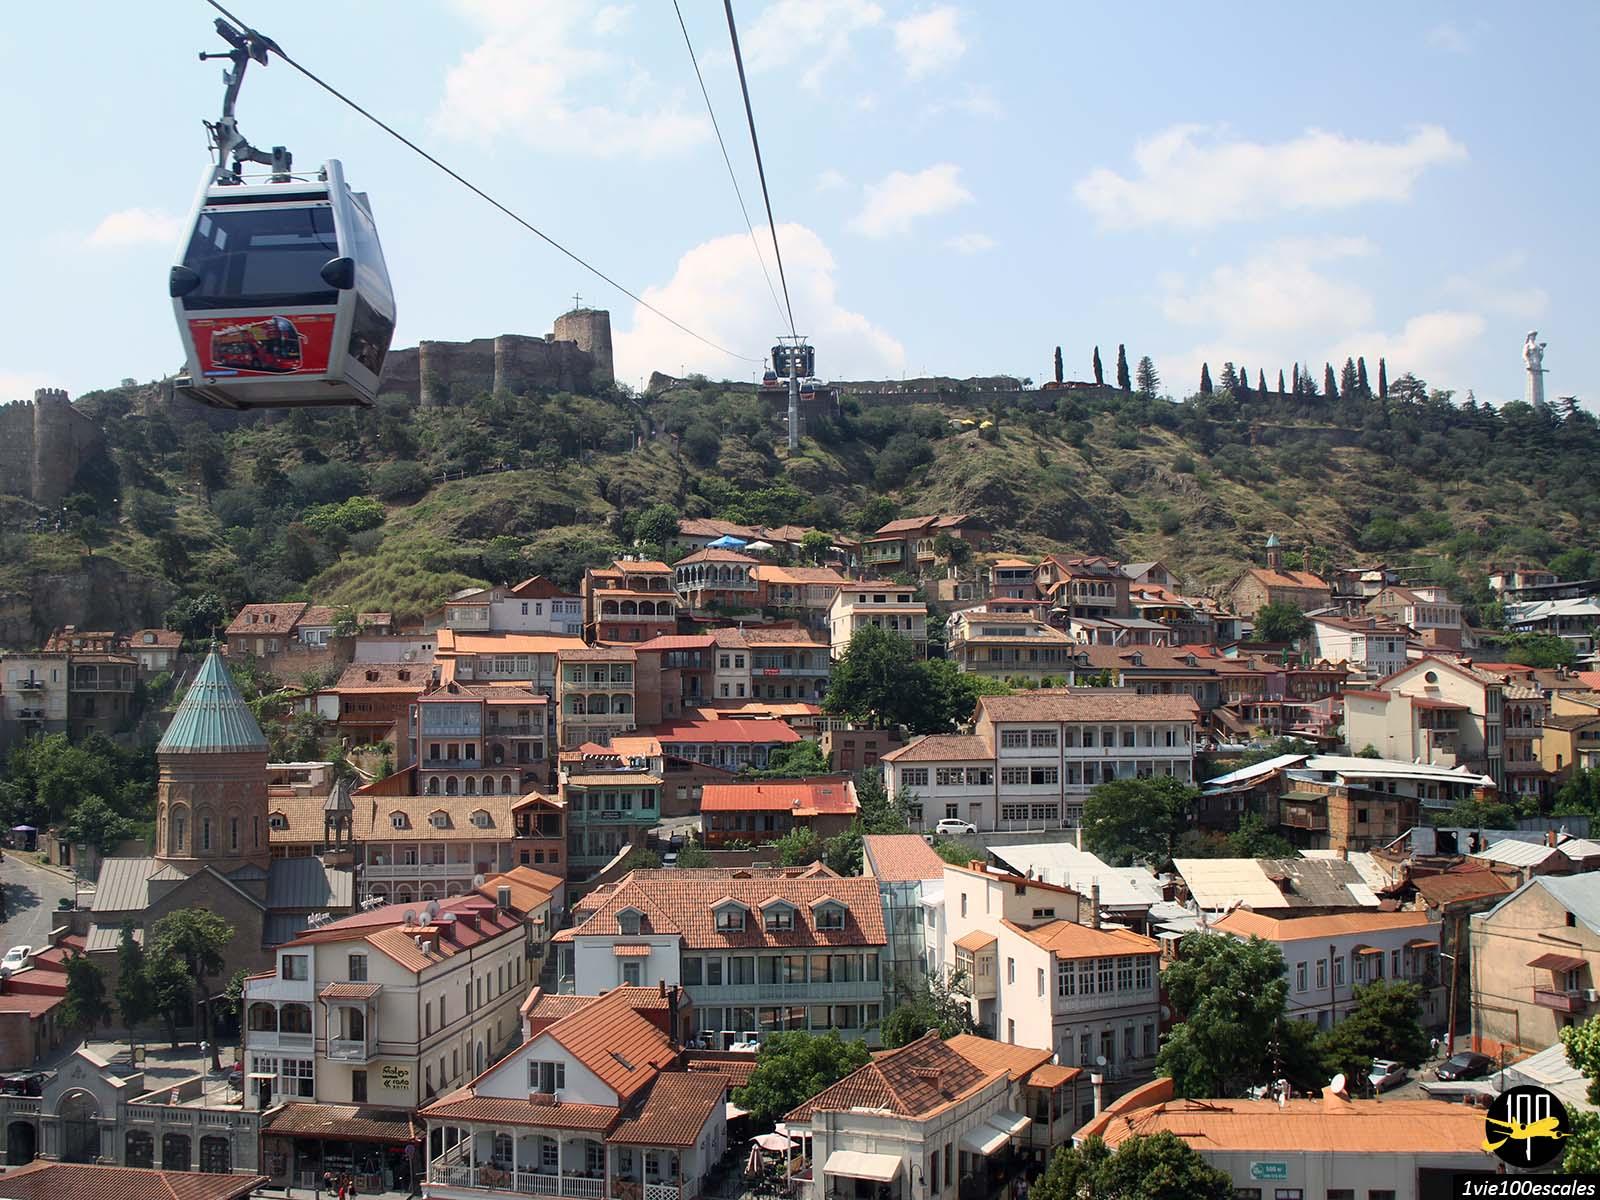 Escale #107 Tbilissi